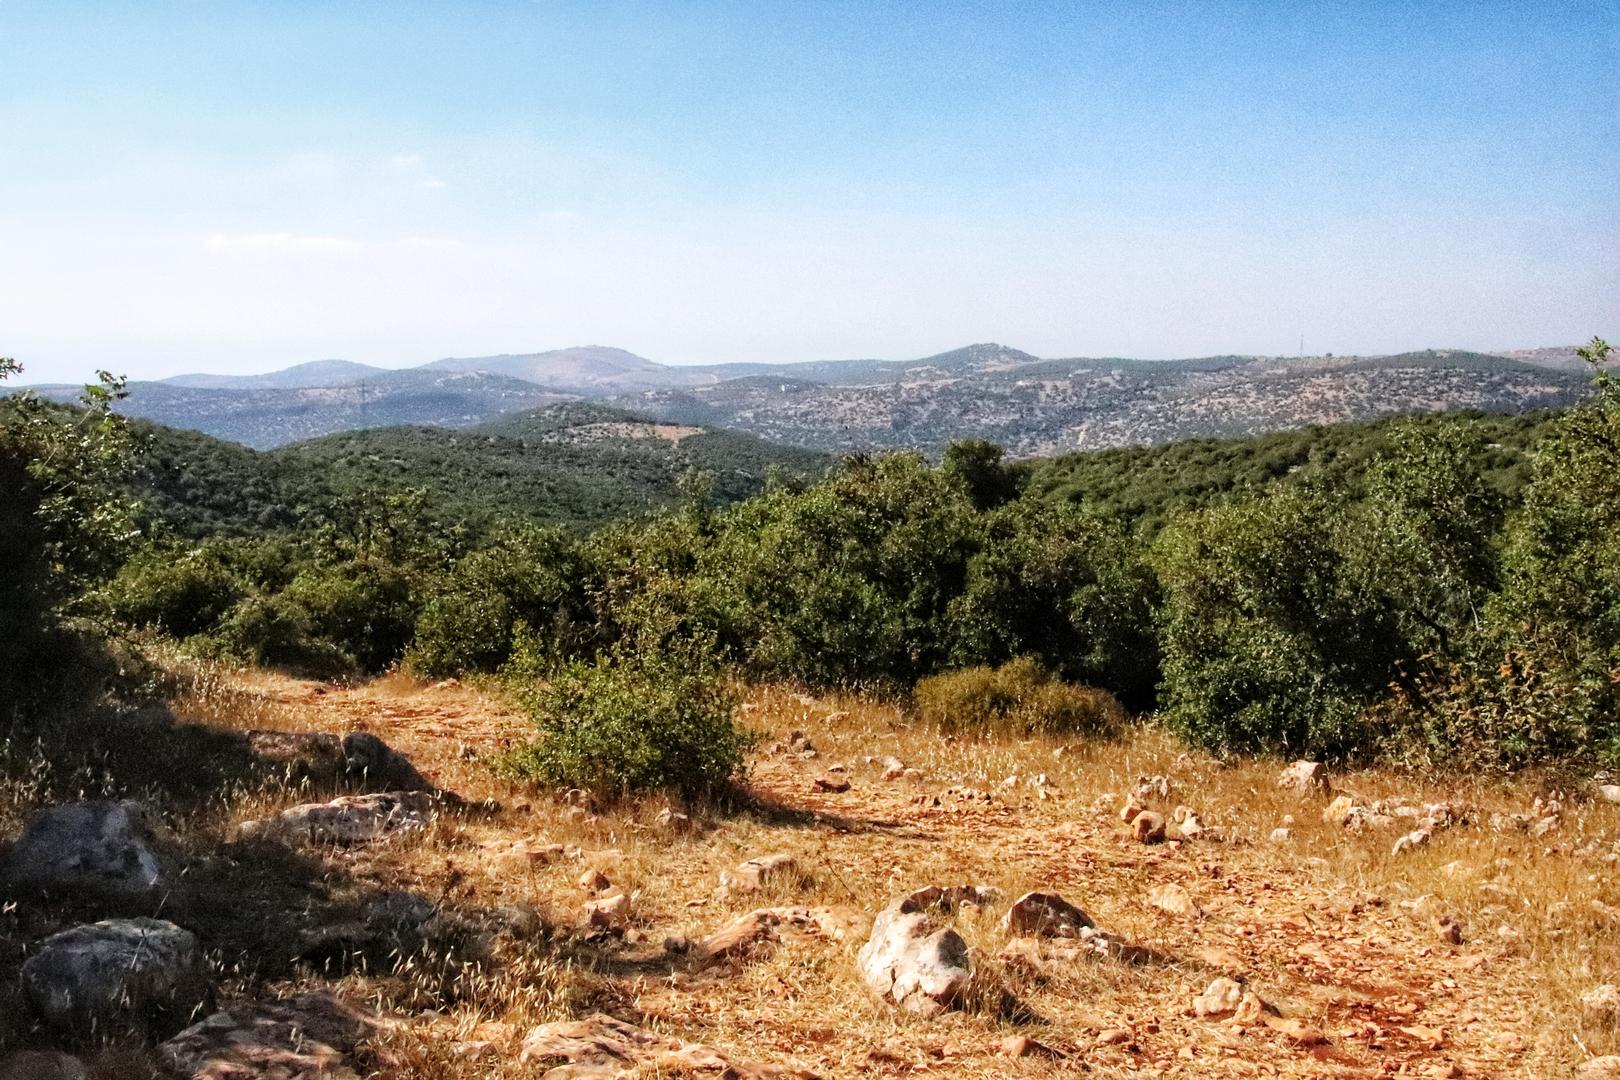 Jordanie - Randonnée dans la réserve d'Ajlun